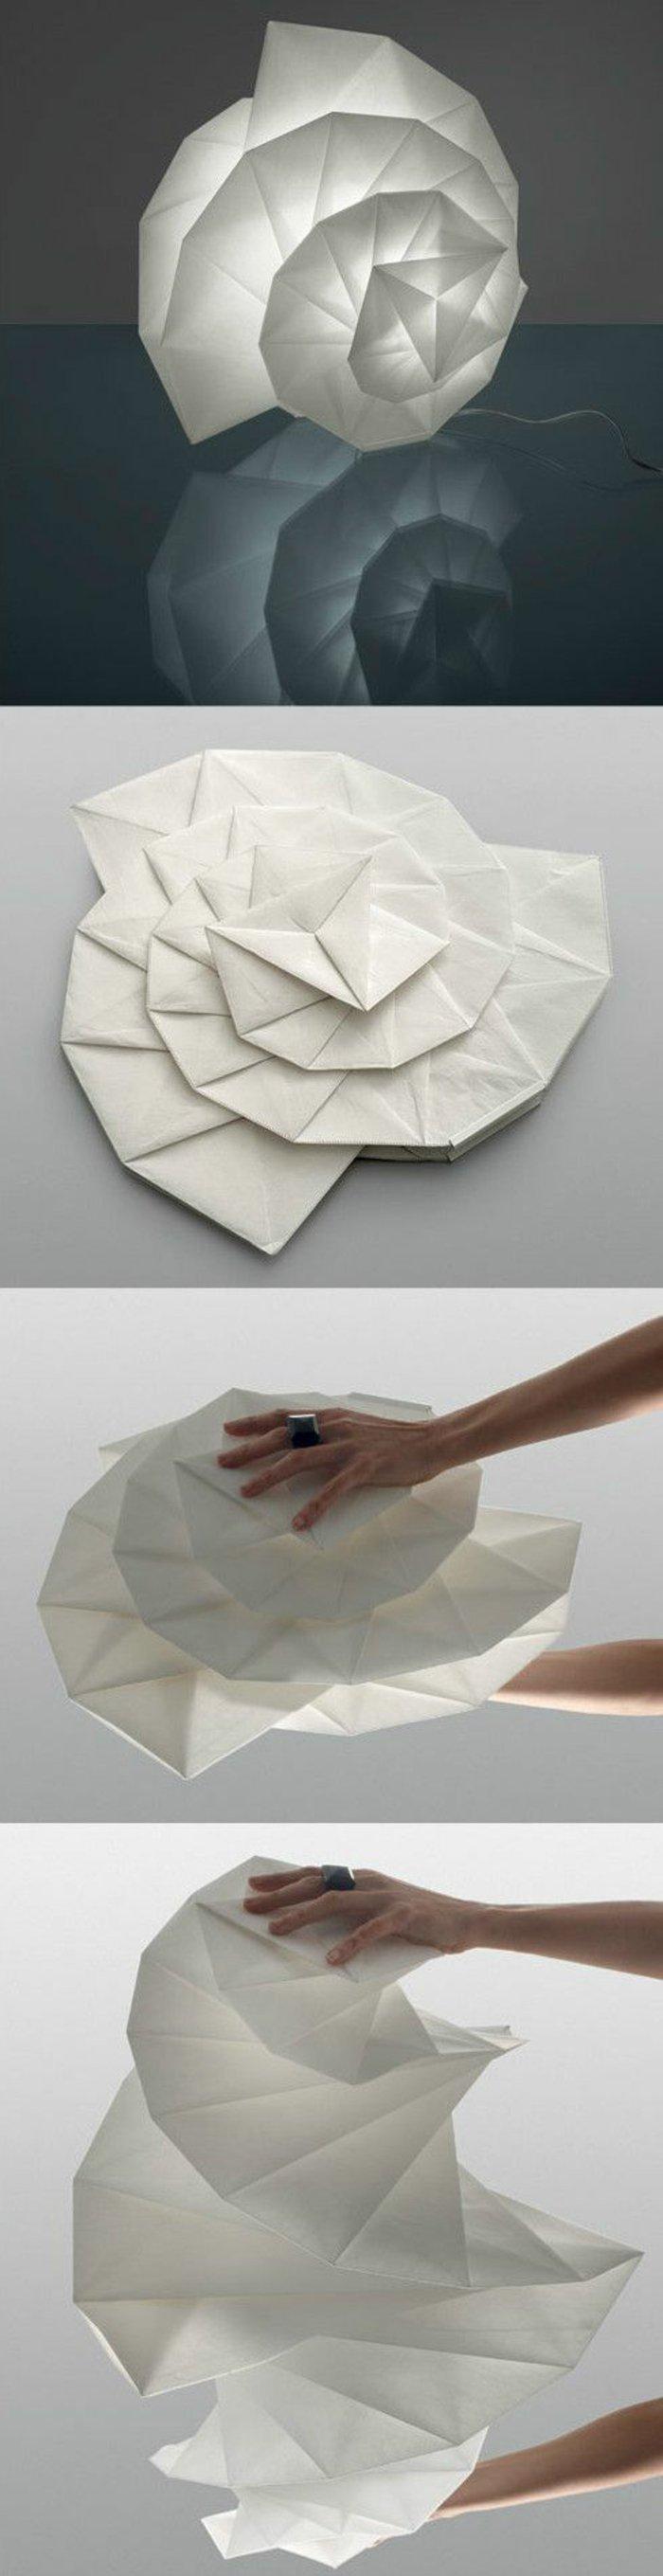 Lampe selber bauen - weißer Origami-Lampenschirm, den Sie falten können und seine Größe anpassen können